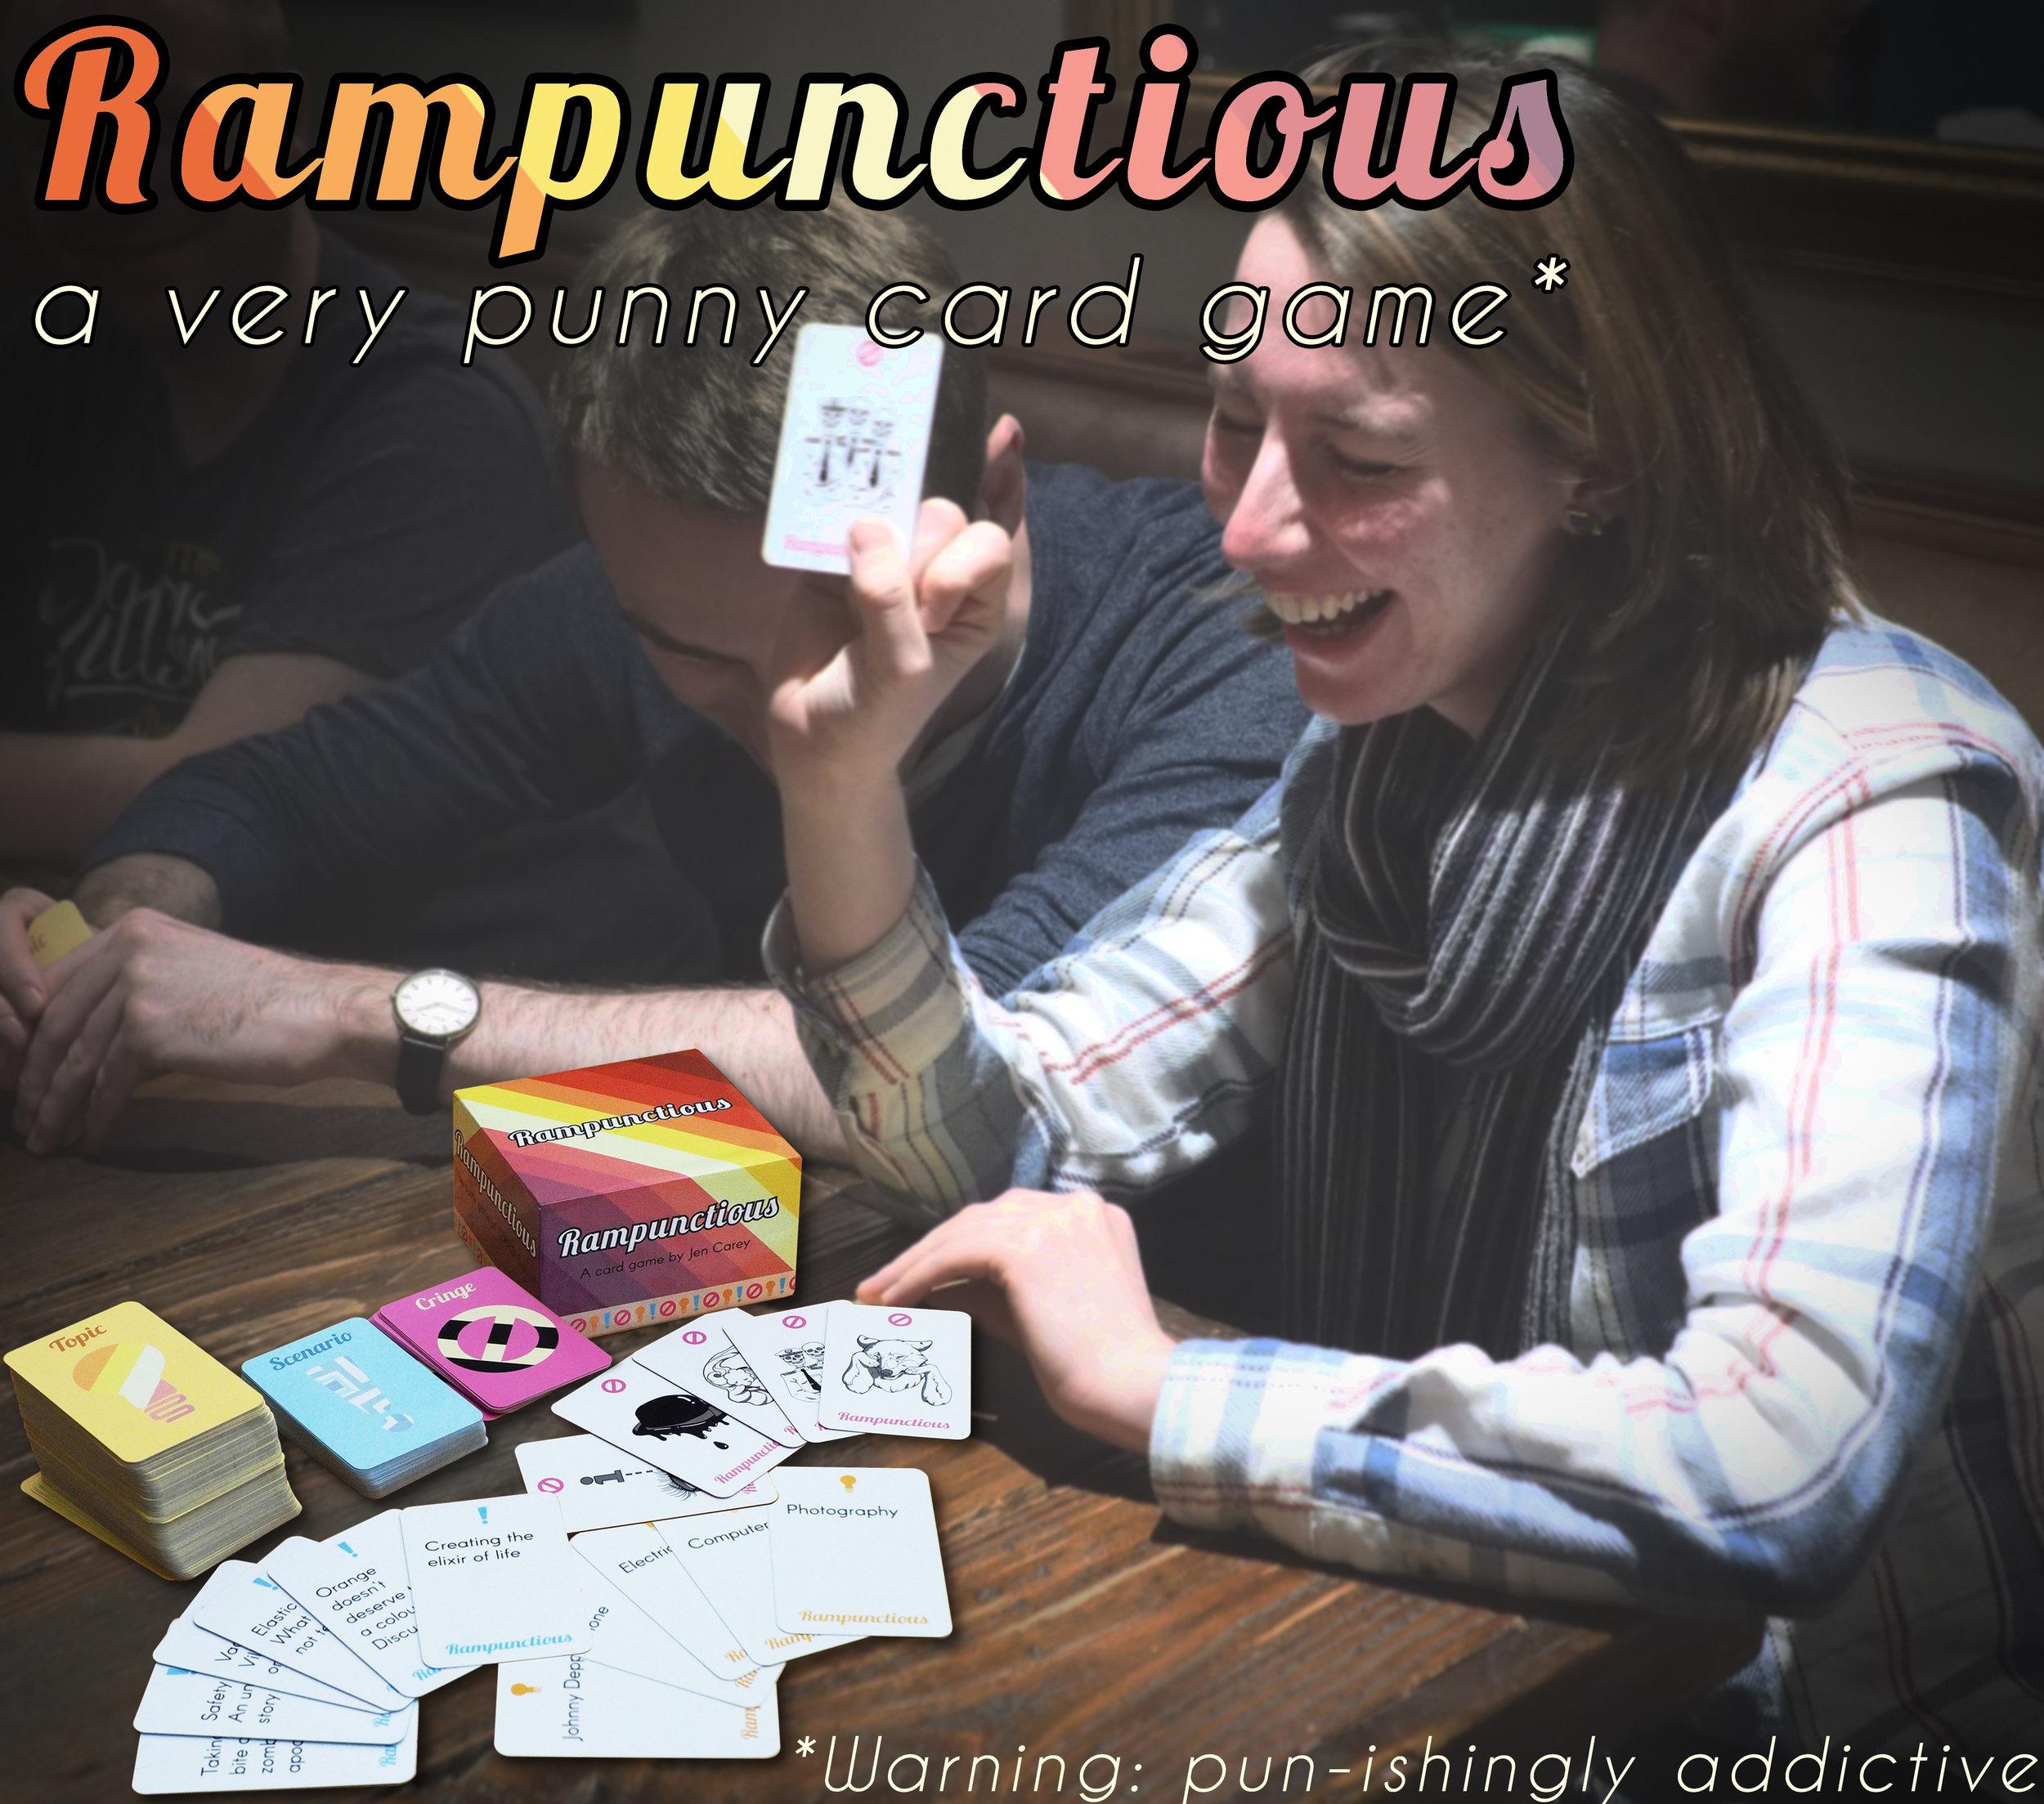 rampunctious_punishYourFriends2.jpg